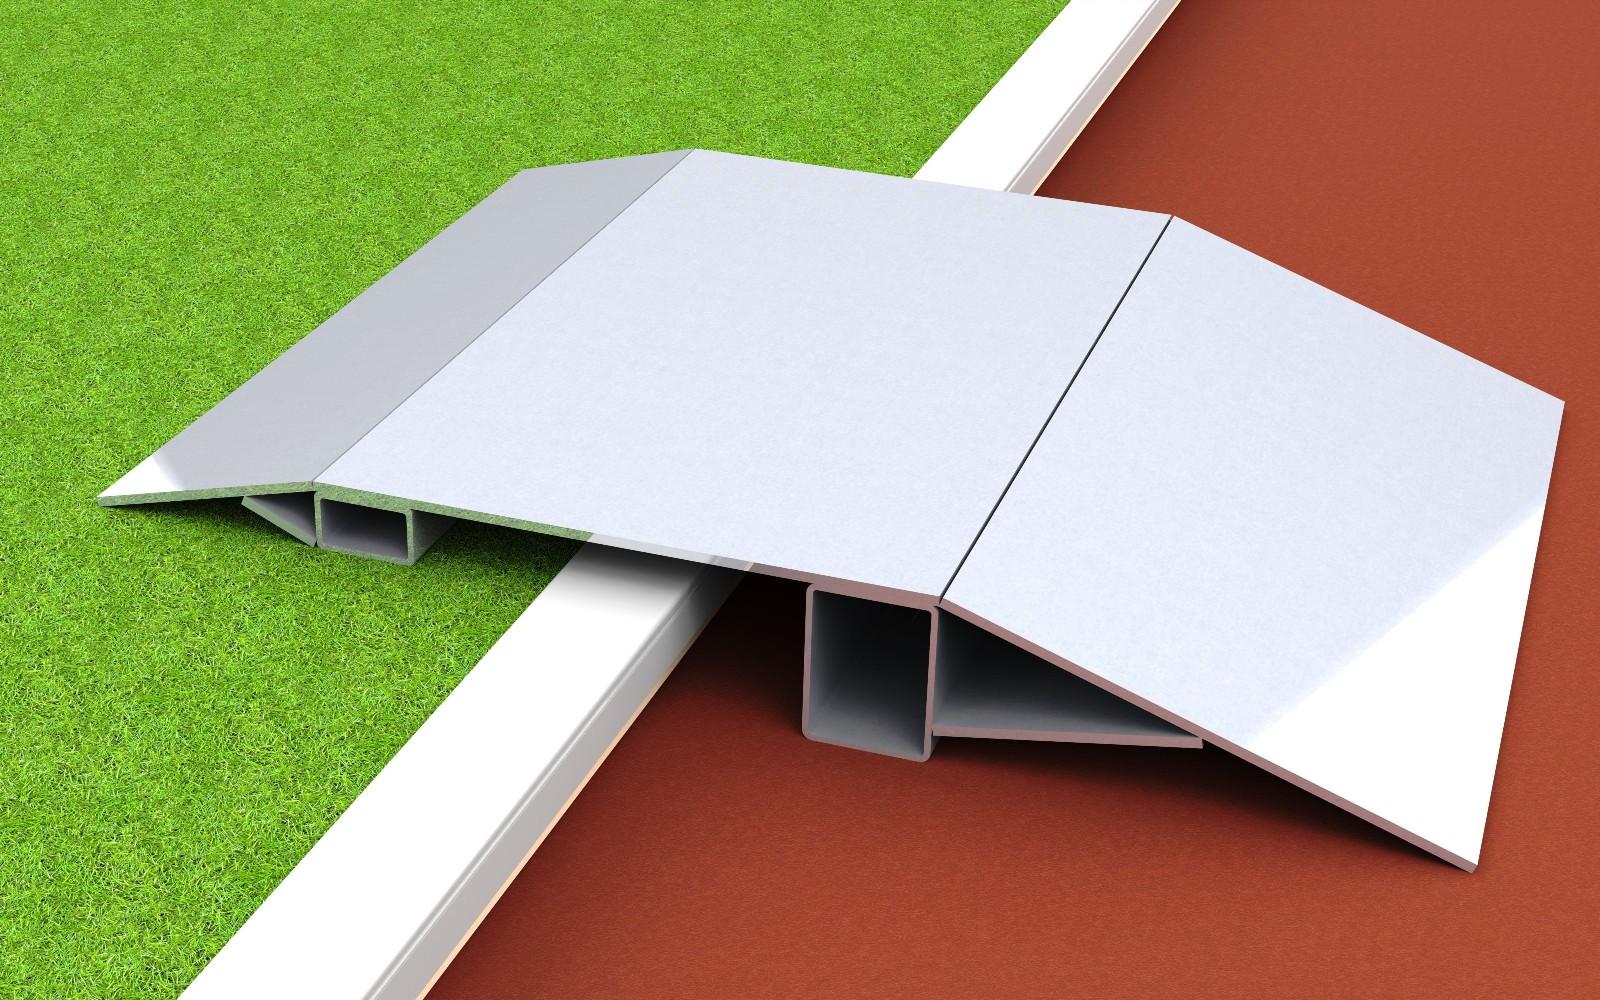 Überfahrrampe aus Aluminium für Stadion und Sportplatz von artec Sportgeräte